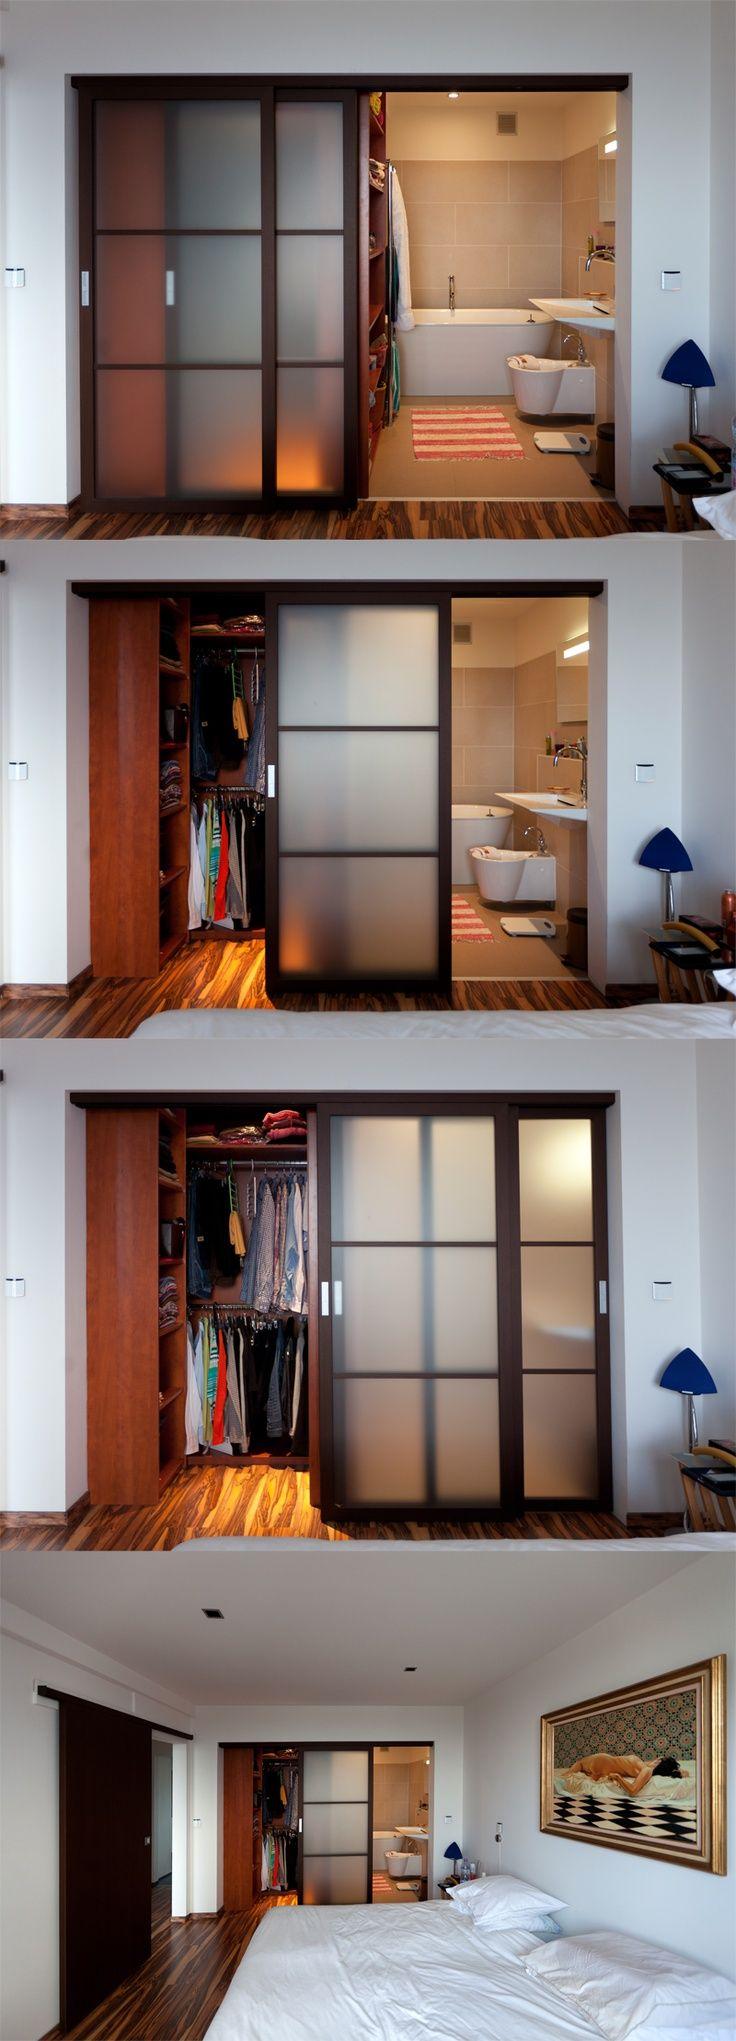 Você quer um novo espaço para guardar suas roupas e acessórios? Então aprenda a montar um lindo closet pequeno, através das nossas dicas e fotos.                                                                                                                                                                                 Mais